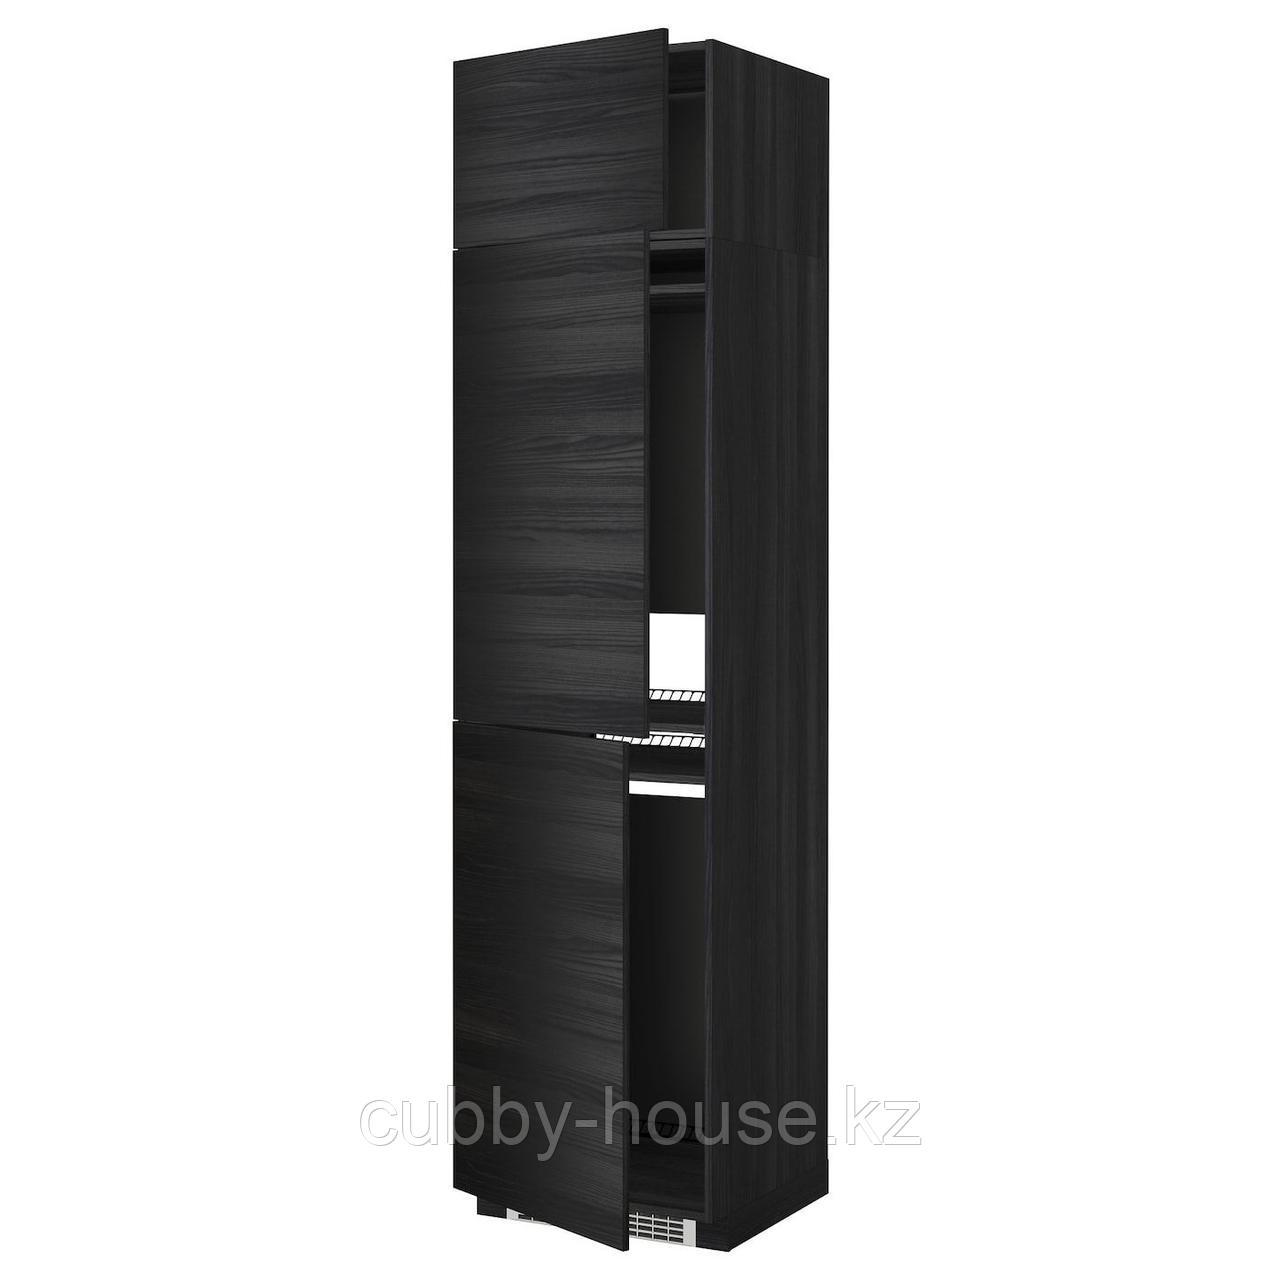 МЕТОД Выс шкаф для хол/мороз с 3 дверями, белый, Рингульт белый, 60x60x240 см